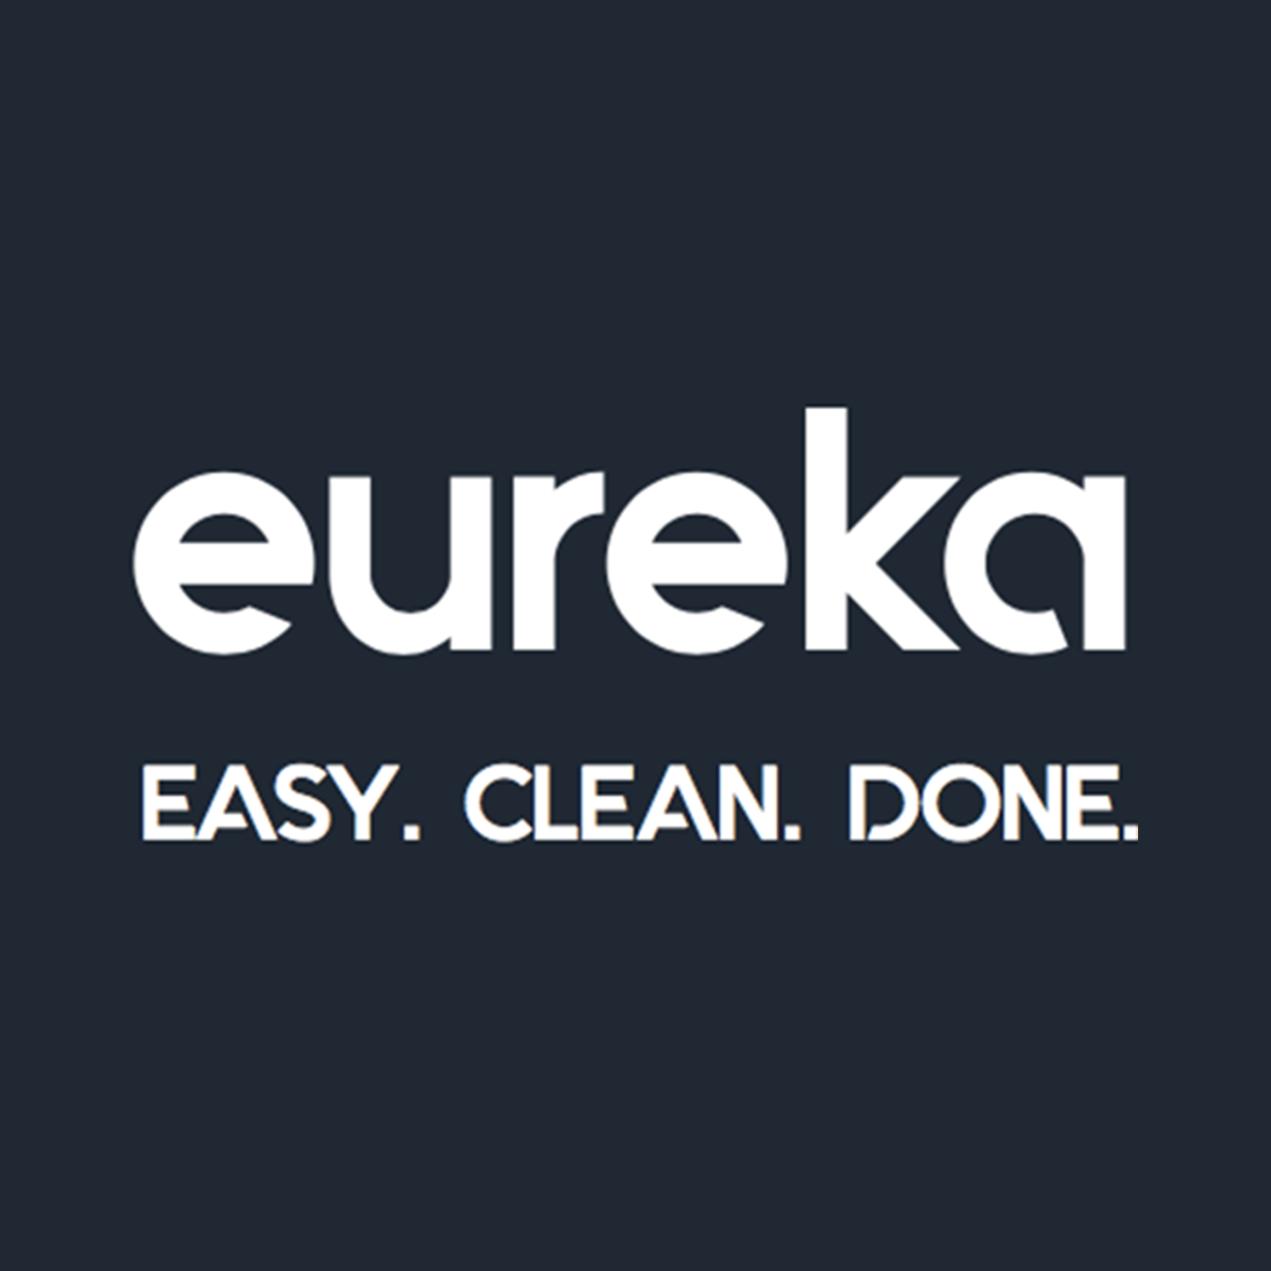 如何成就一个百年品牌?eureka优瑞家吸尘器靠的是口碑与清洁力!